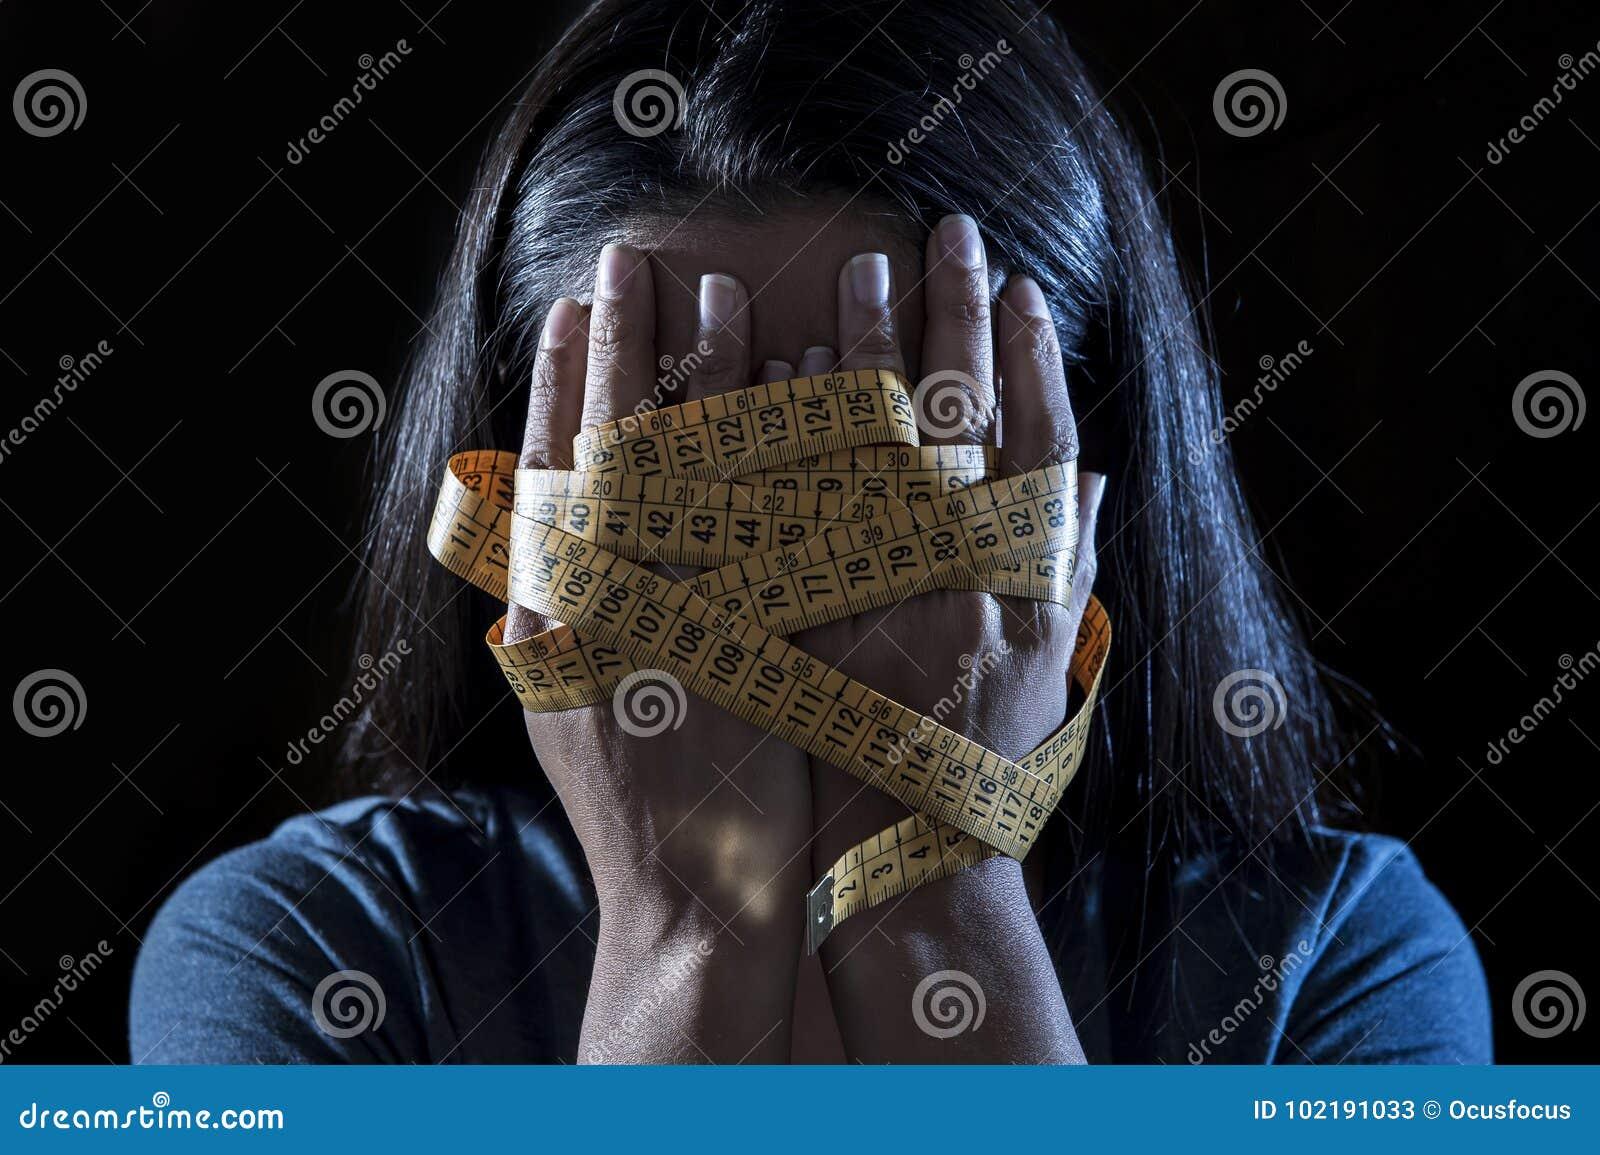 在裁缝措施磁带年轻人沮丧的和担心的女孩遭受的厌食或善饥癖营养dis的覆盖物面孔包裹的手